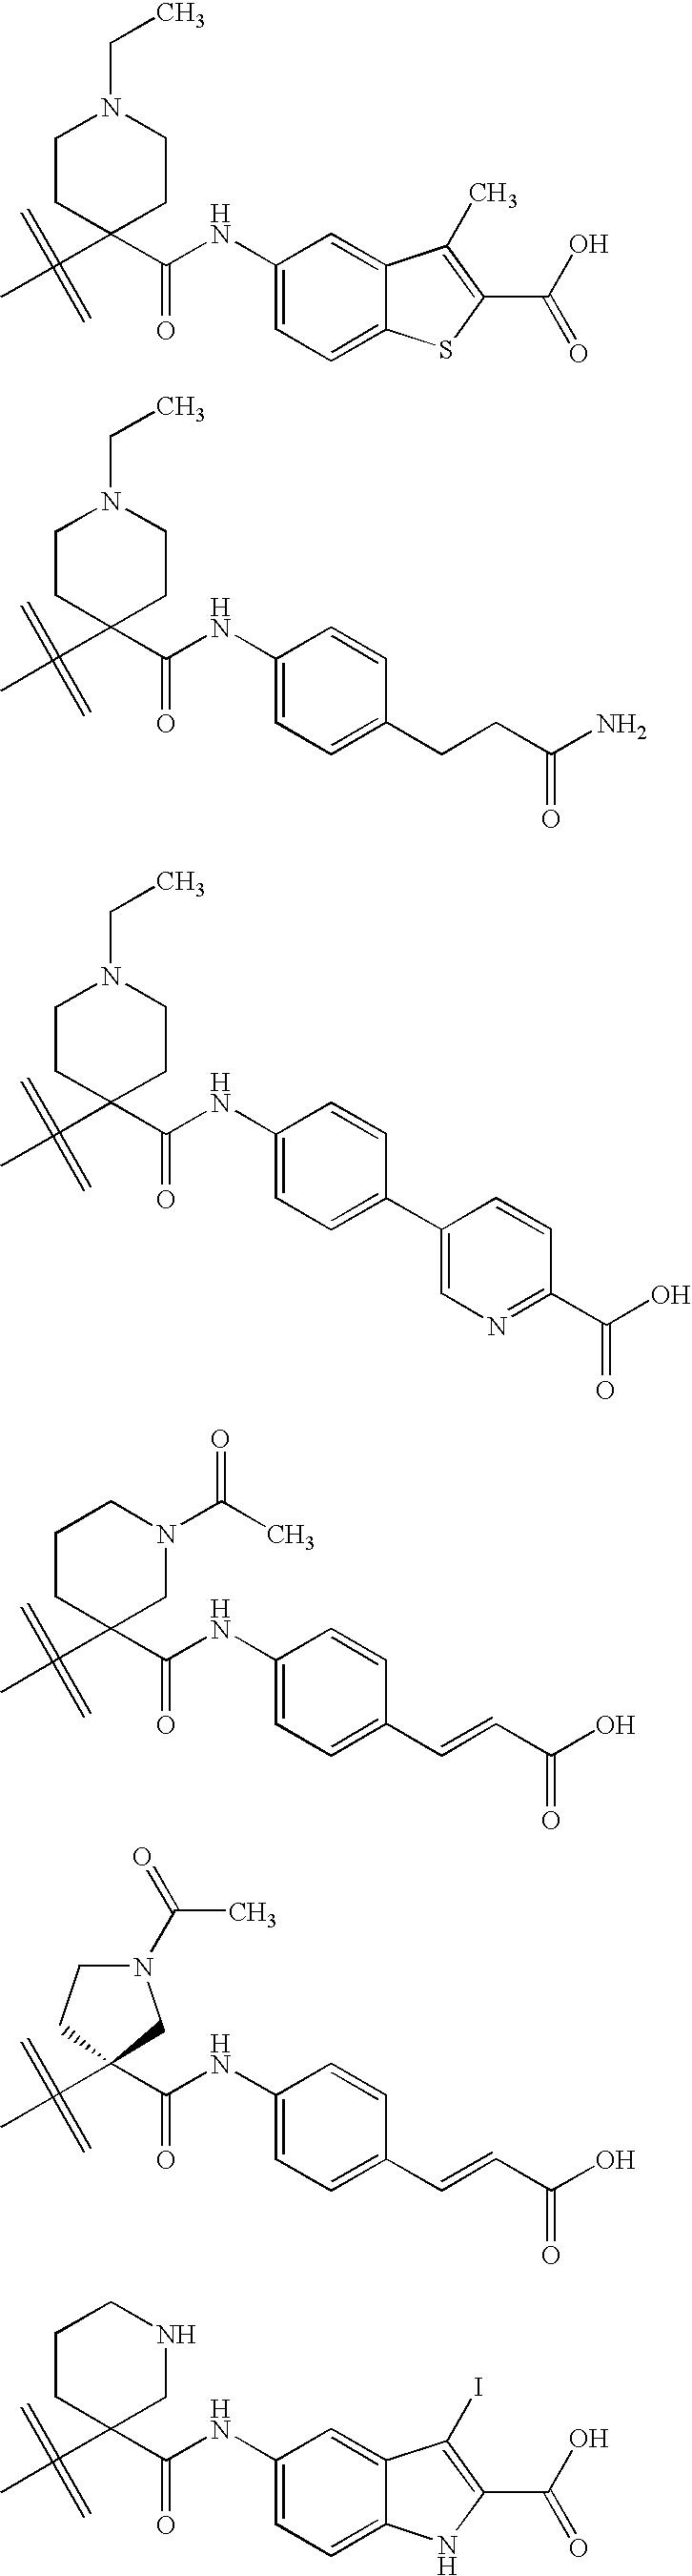 Figure US20070049593A1-20070301-C00159